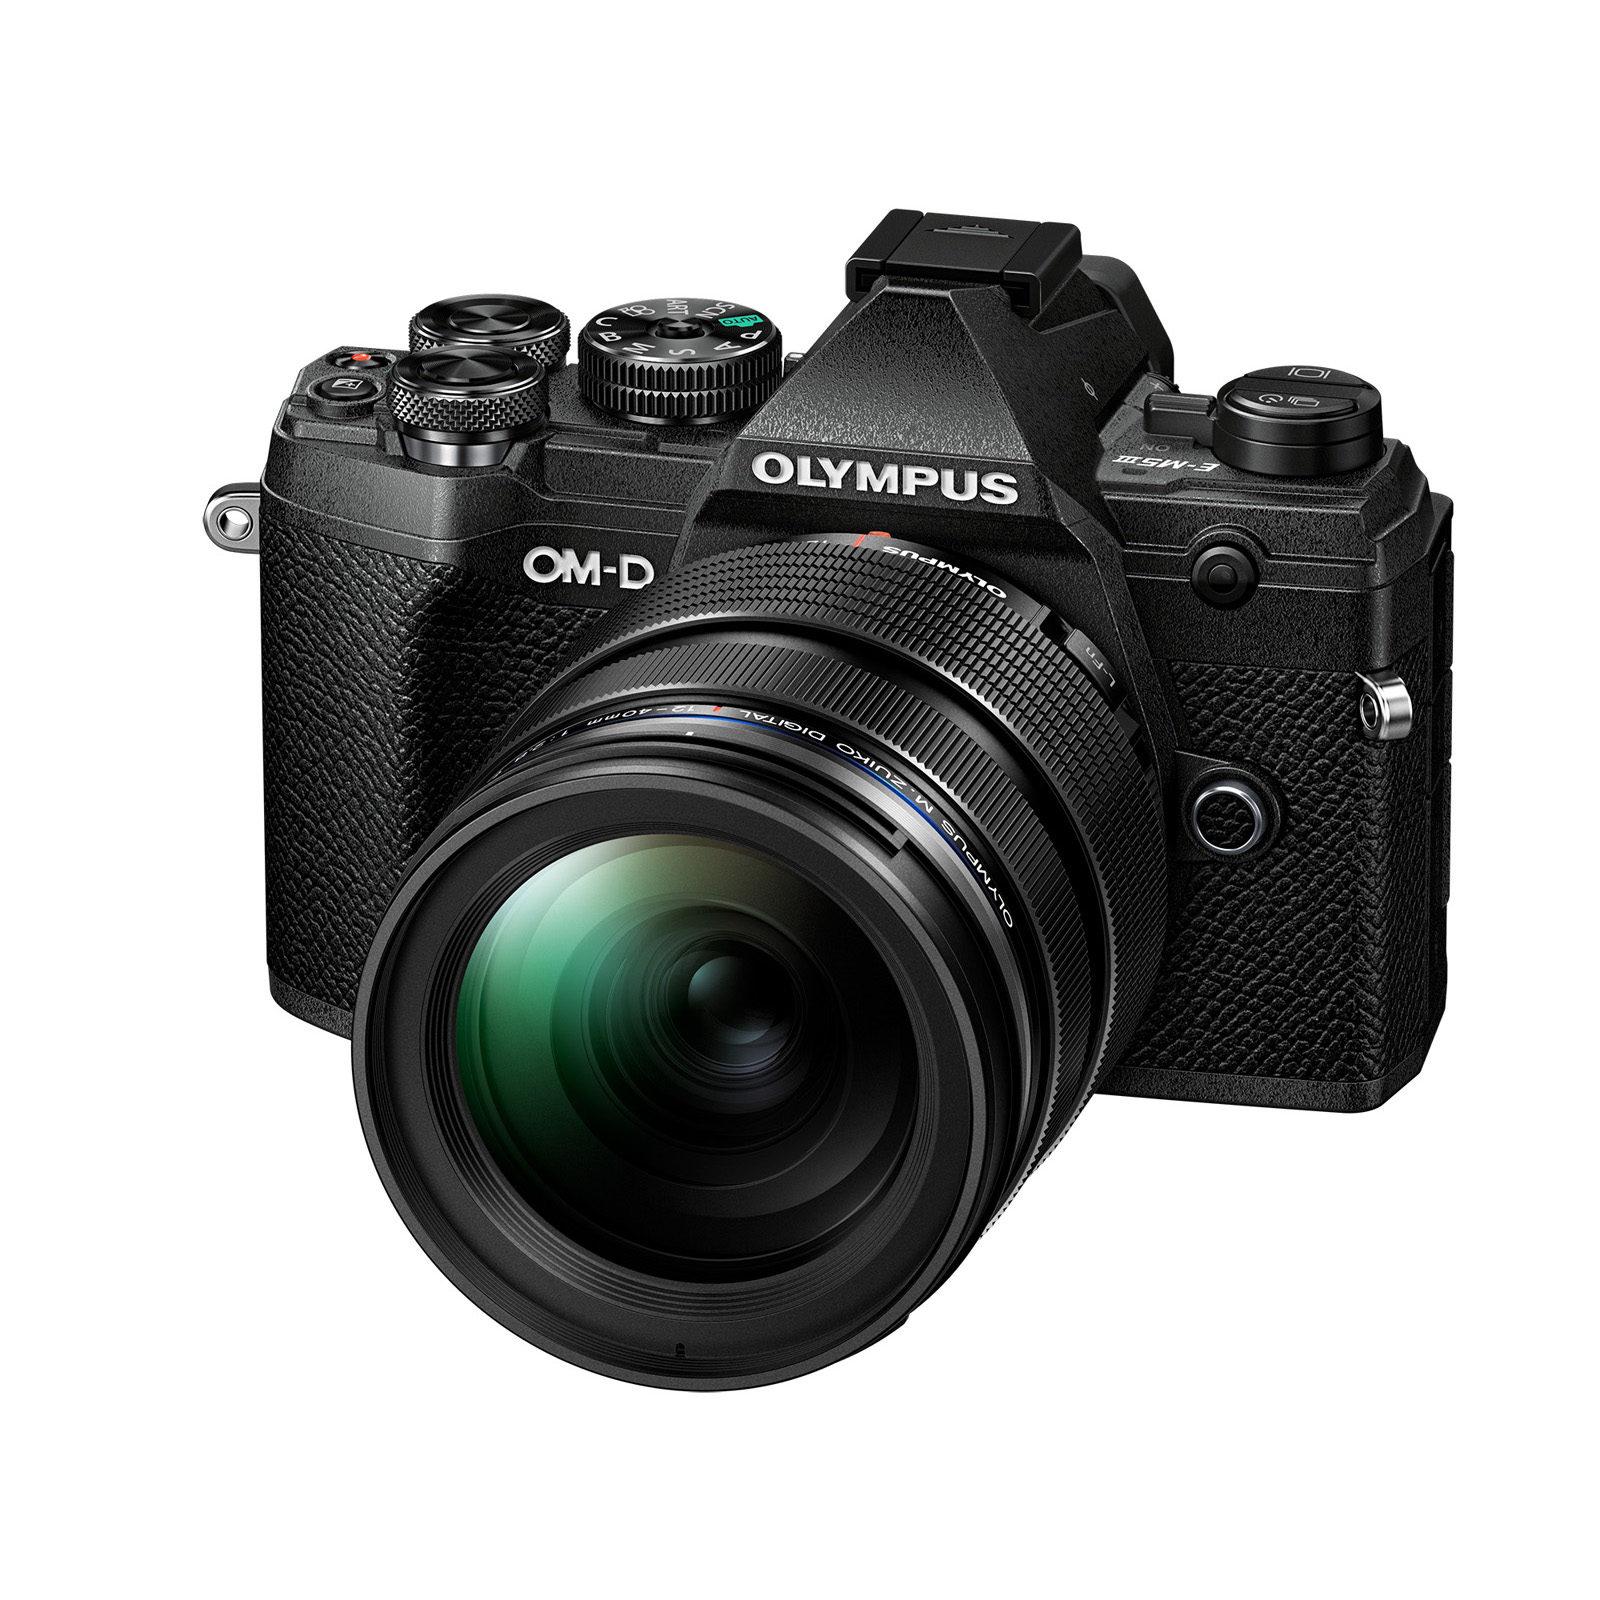 Olympus OM-D E-M5 Mark III systeemcamera Zwart + 12-40mm <br/>€ 1799.00 <br/> <a href='https://www.cameranu.nl/fotografie/?tt=12190_474631_241358_&r=https%3A%2F%2Fwww.cameranu.nl%2Fnl%2Fp3130122%2Folympus-om-d-e-m5-mark-iii-systeemcamera-zwart-12-40mm%3Fchannable%3De10841.MzEzMDEyMg%26utm_campaign%3D%26utm_content%3DOM-D%2Bserie%26utm_source%3DTradetracker%26utm_medium%3Dcpc%26utm_term%3DDigitale%2Bcamera%26apos%3Bs' target='_blank'>naar de winkel</a>